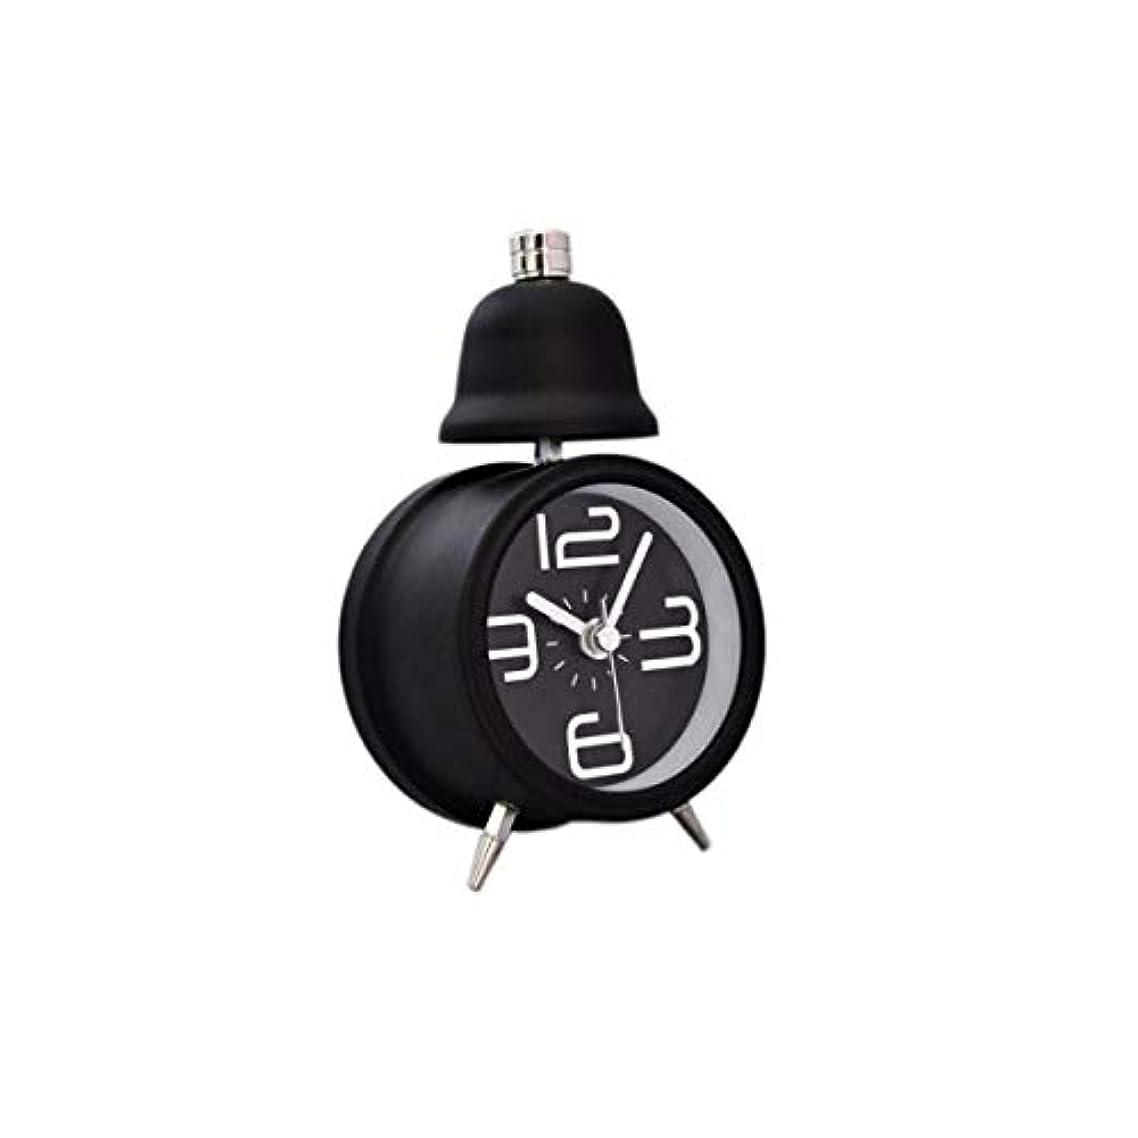 レクリエーションブリーフケース規制Qiyuezhuangshi001 目覚まし時計、クリエイティブサイレント目覚まし時計、かわいい小さな目覚まし時計、学生の夜の光シングルベルベッドサイドクロック黒、(13.5 * 16 cm) 材料の安全性 (Color : Black)